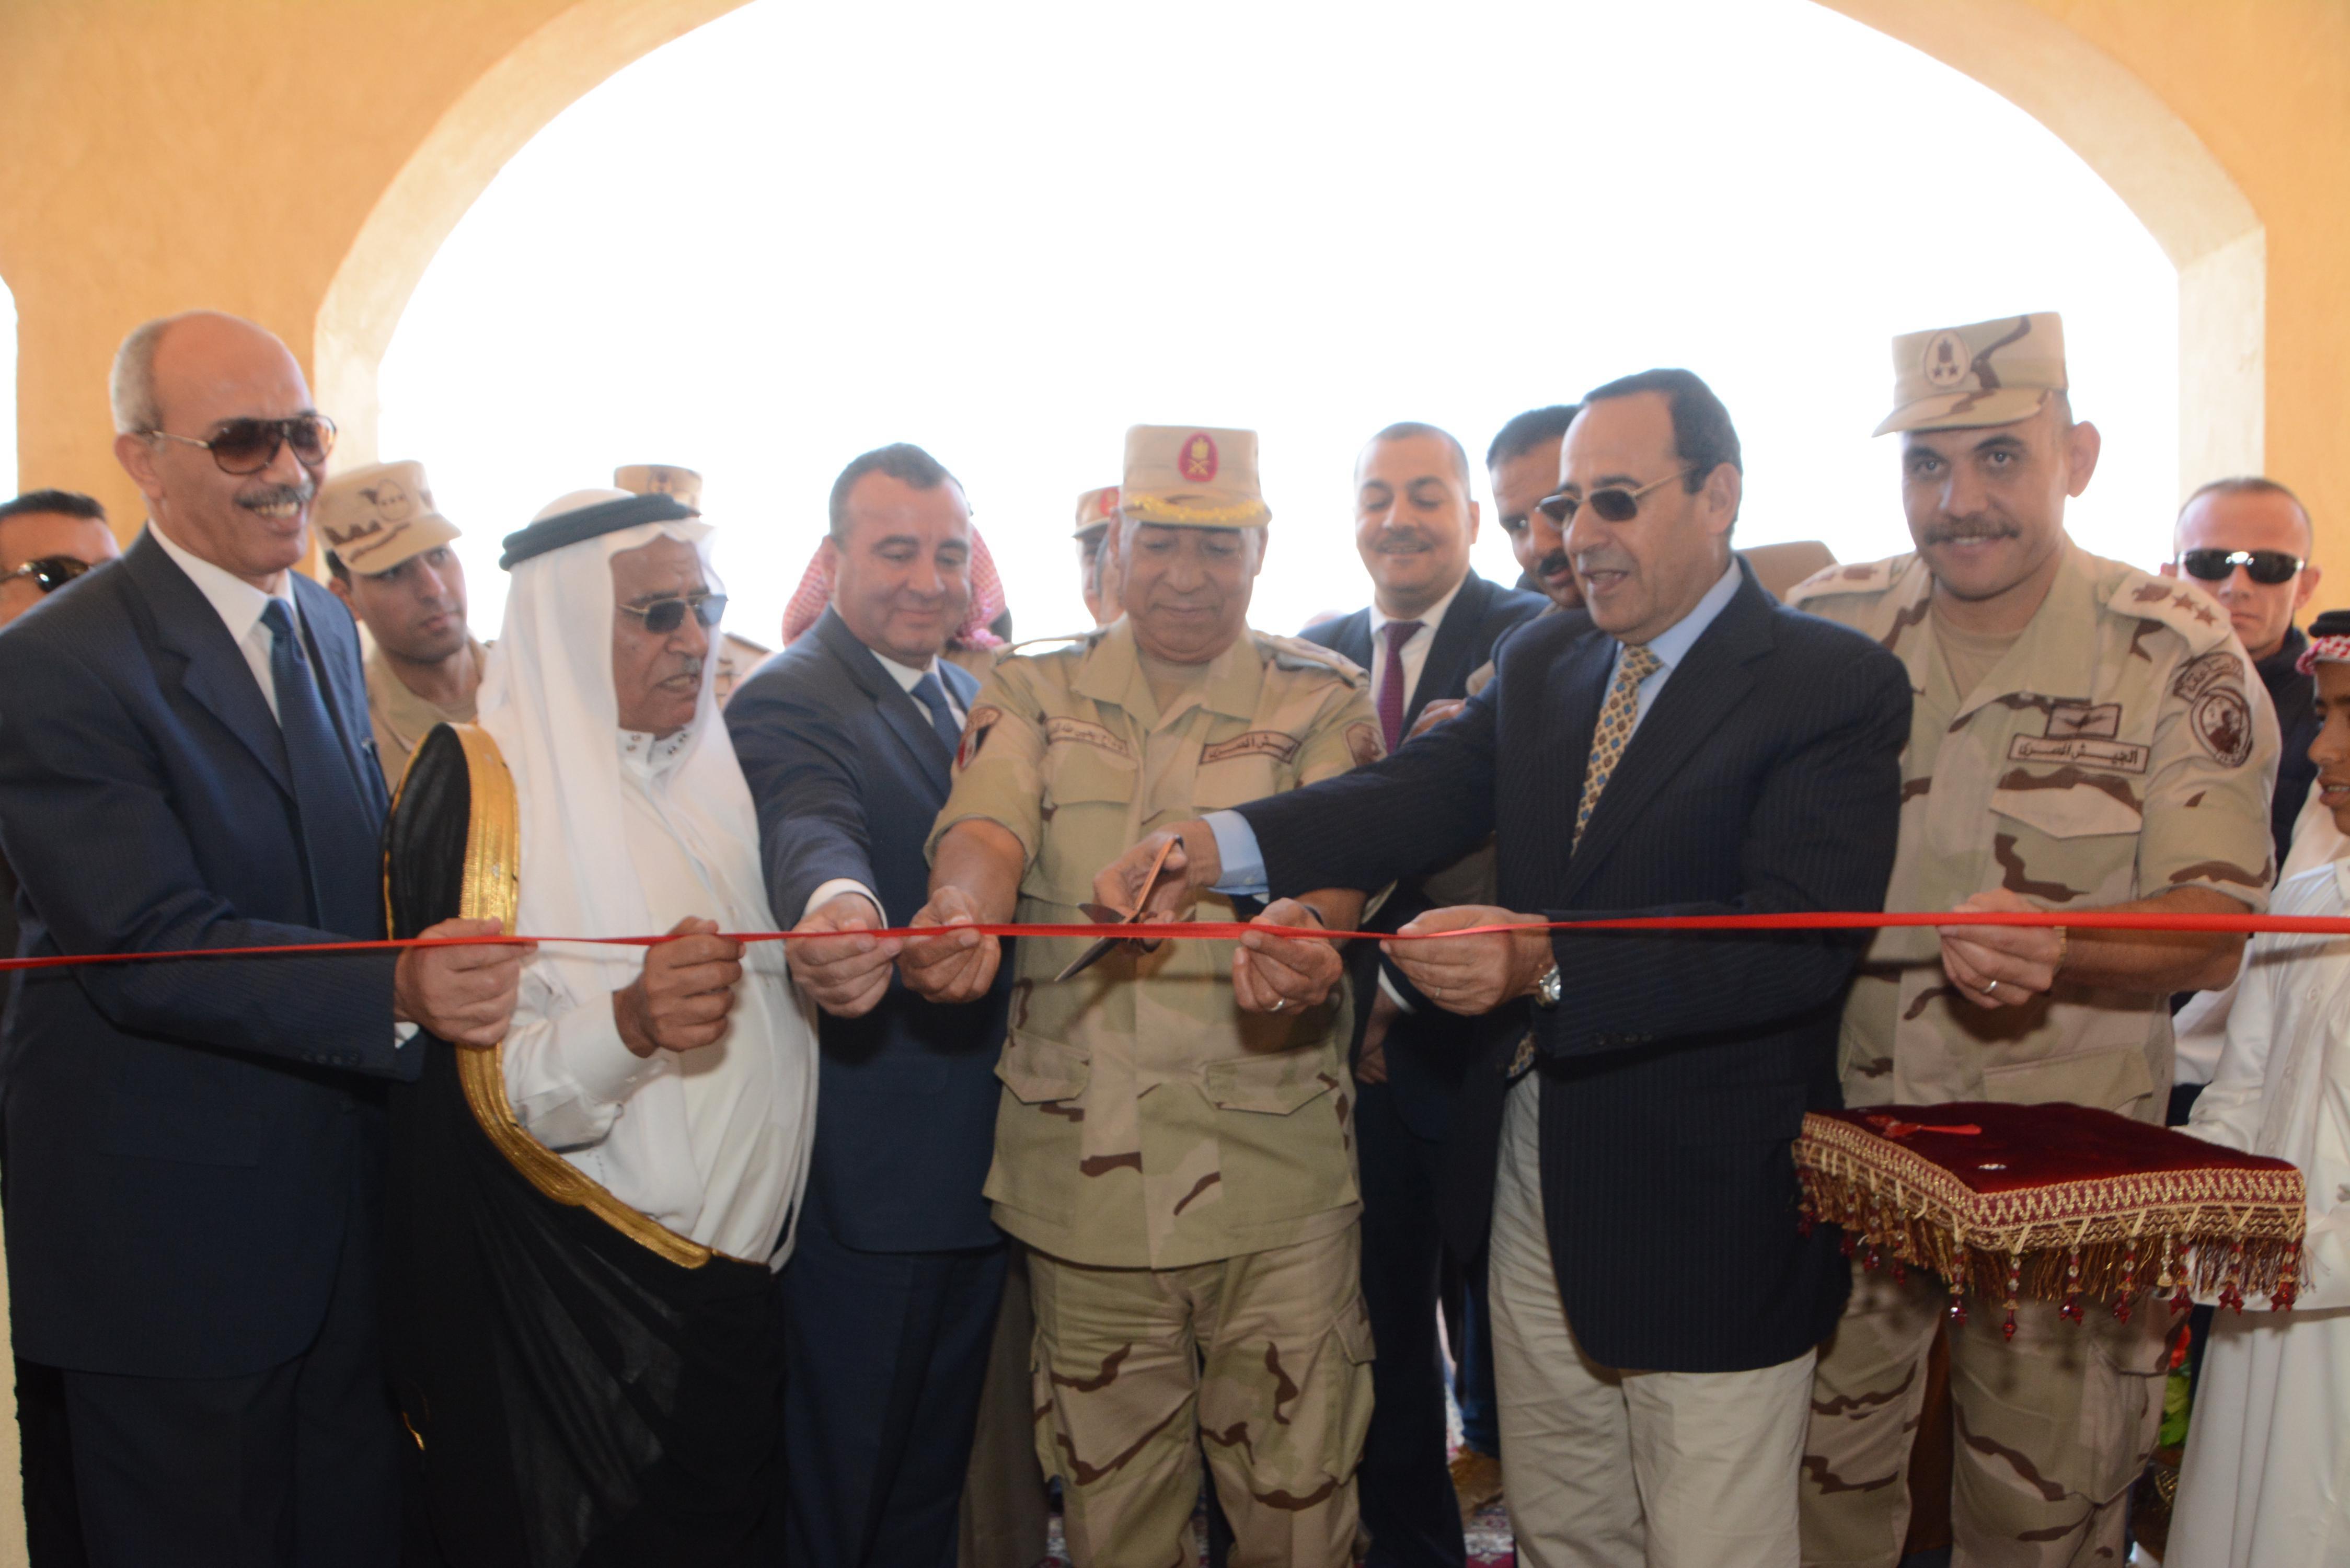 القوات المسلحة تنشئ تجمعاً حضارياً جديداً بوسط سيناء (1)